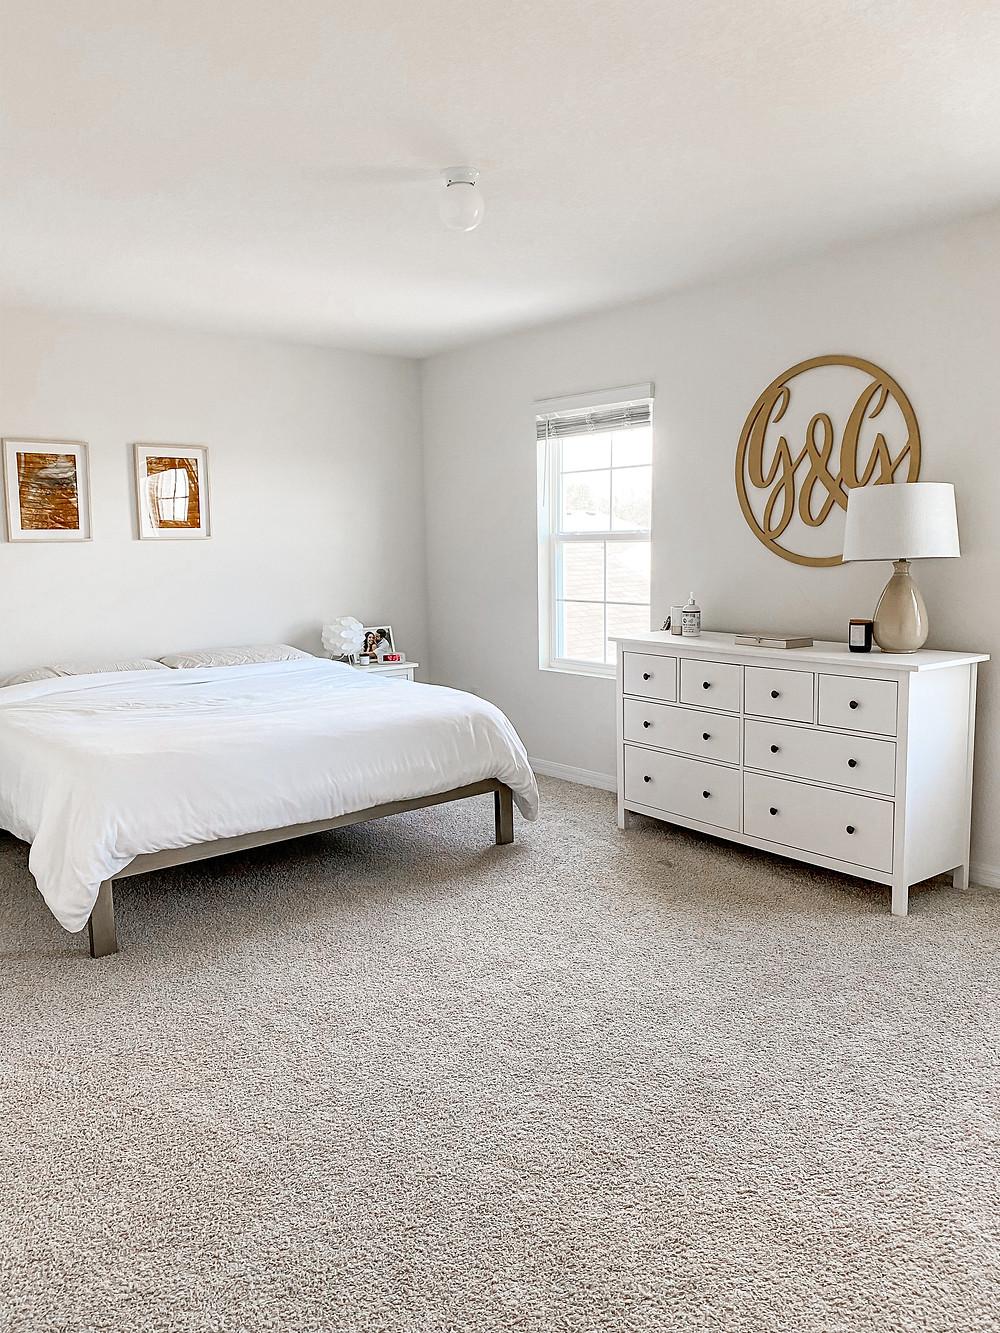 minimalist bedroom decor